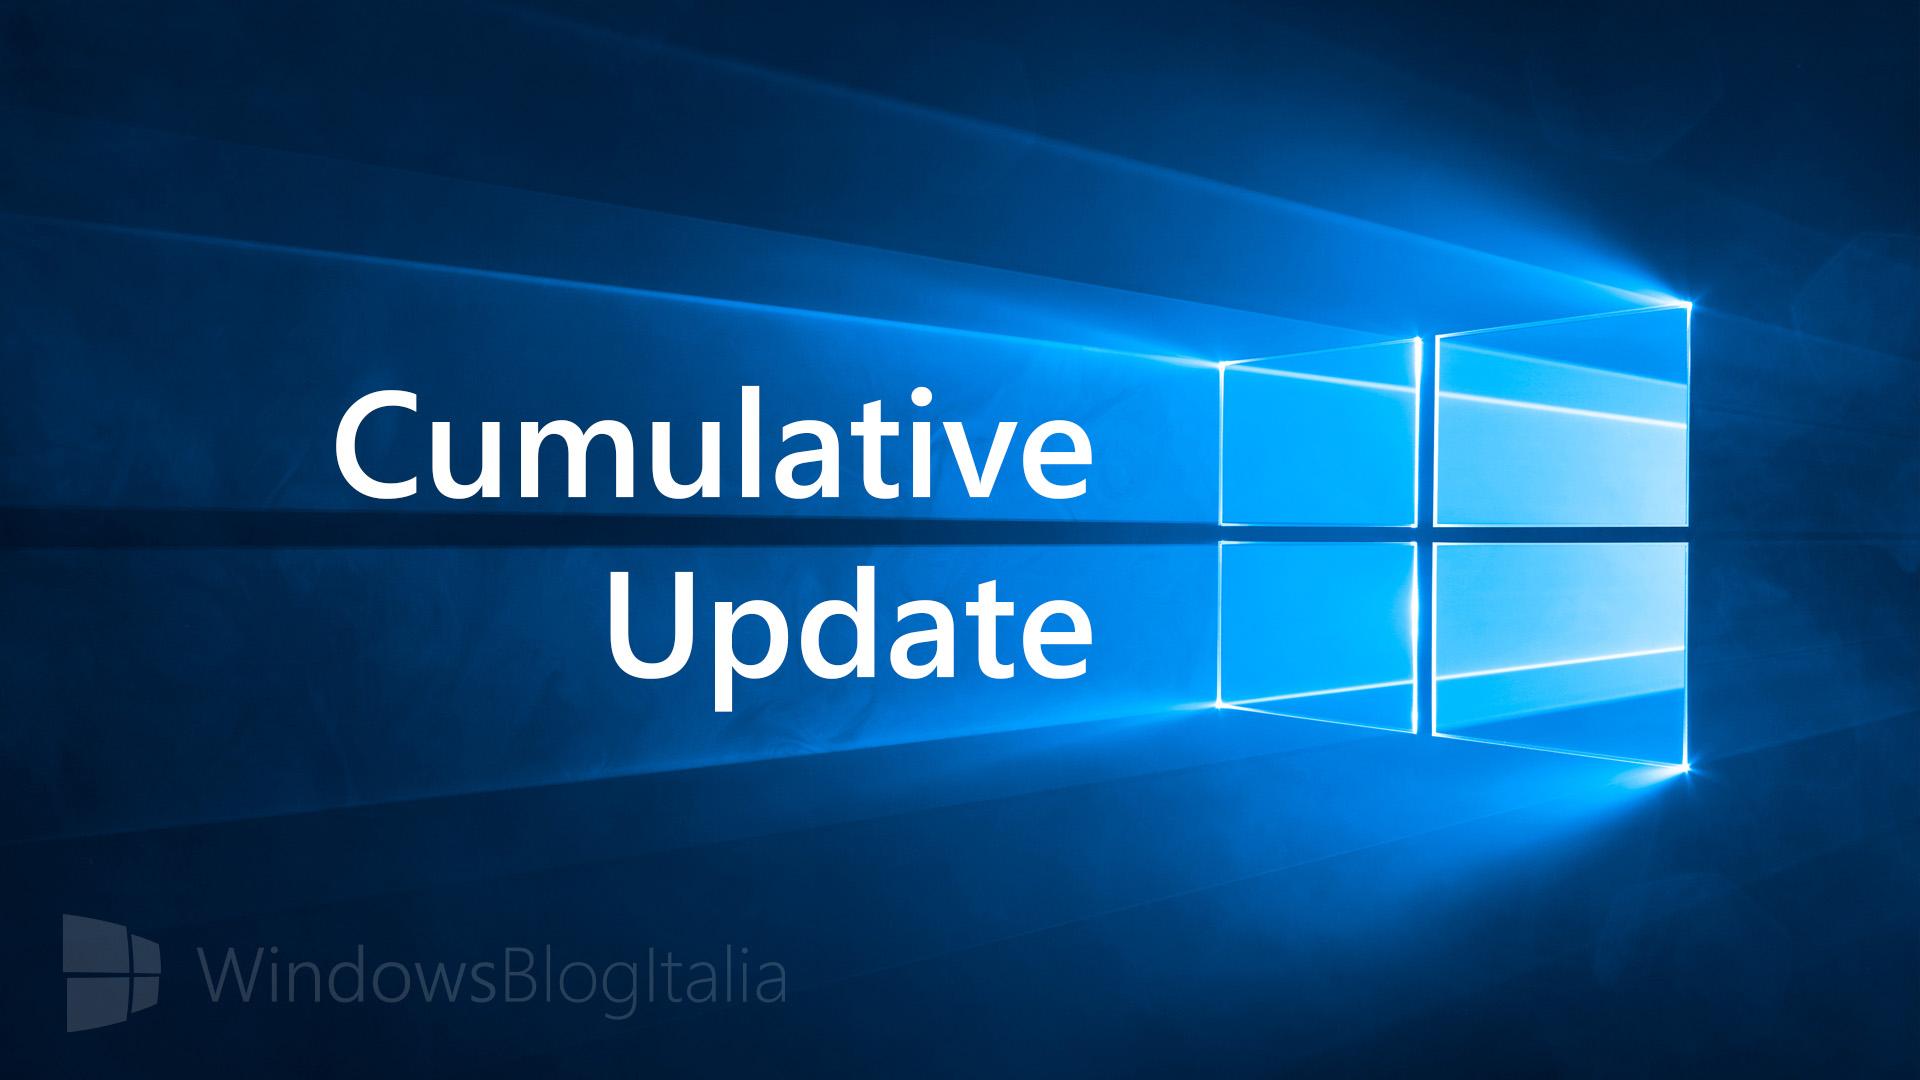 Aggiornamento cumulativo - Windows 10 - PC e tablet